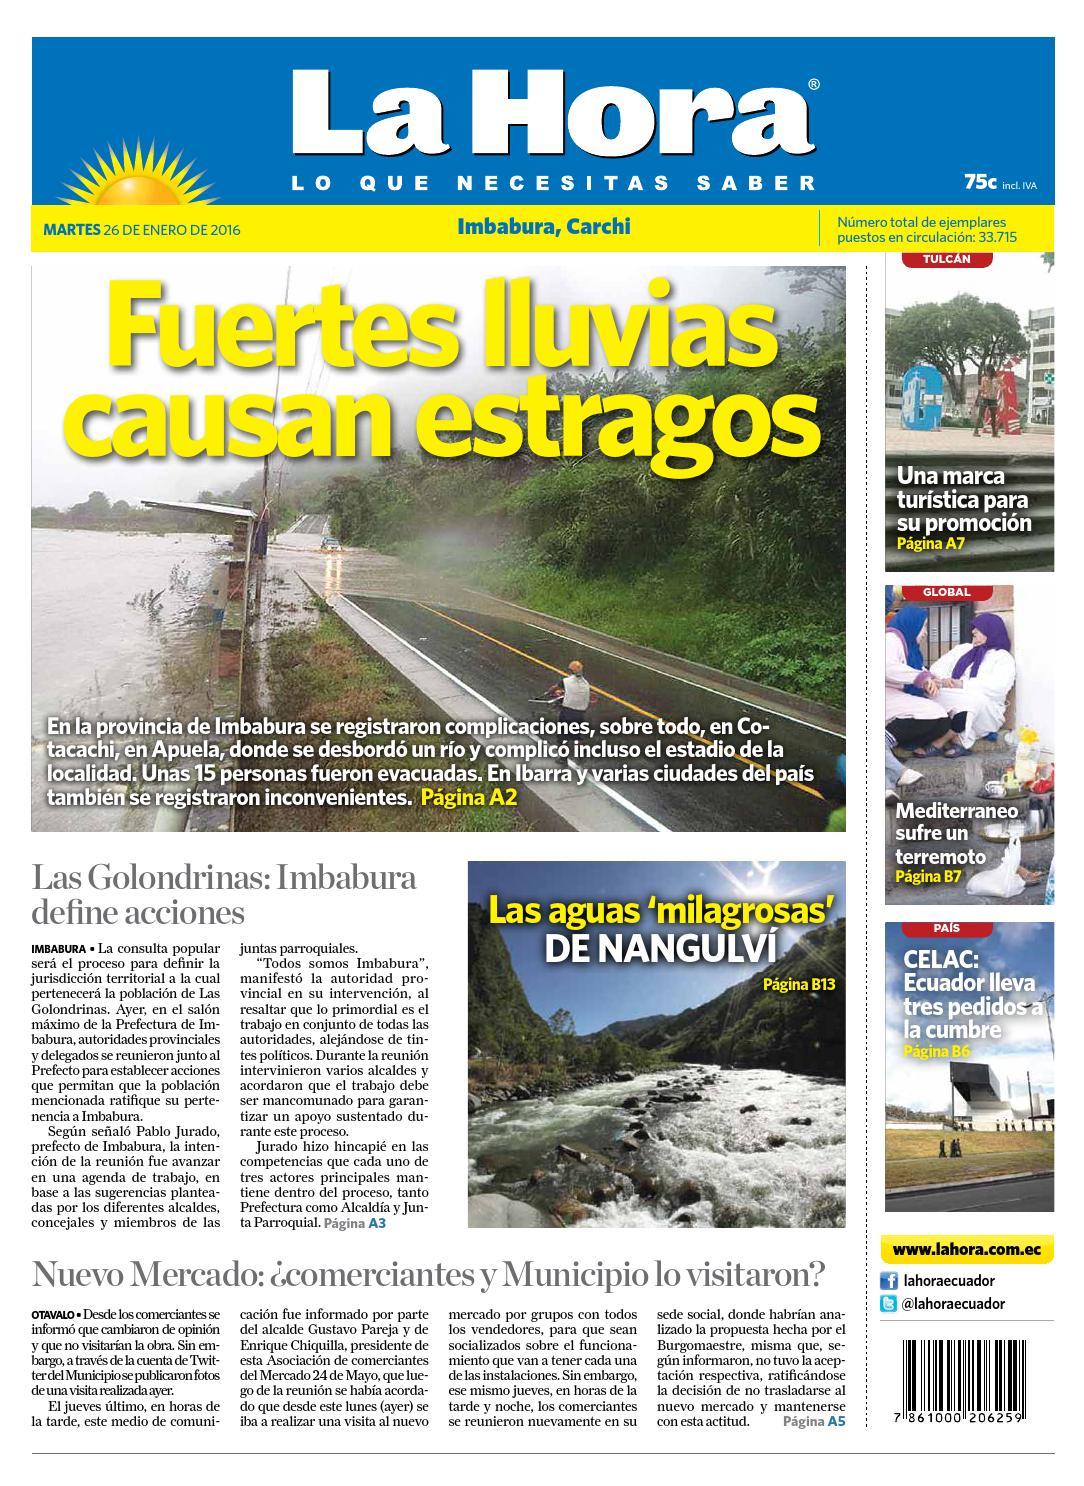 gaviones decorativos 2016 02 economicos de el mercurio bin Imbabura 26 enero 2016 by Diario La Hora Ecuador - issuu